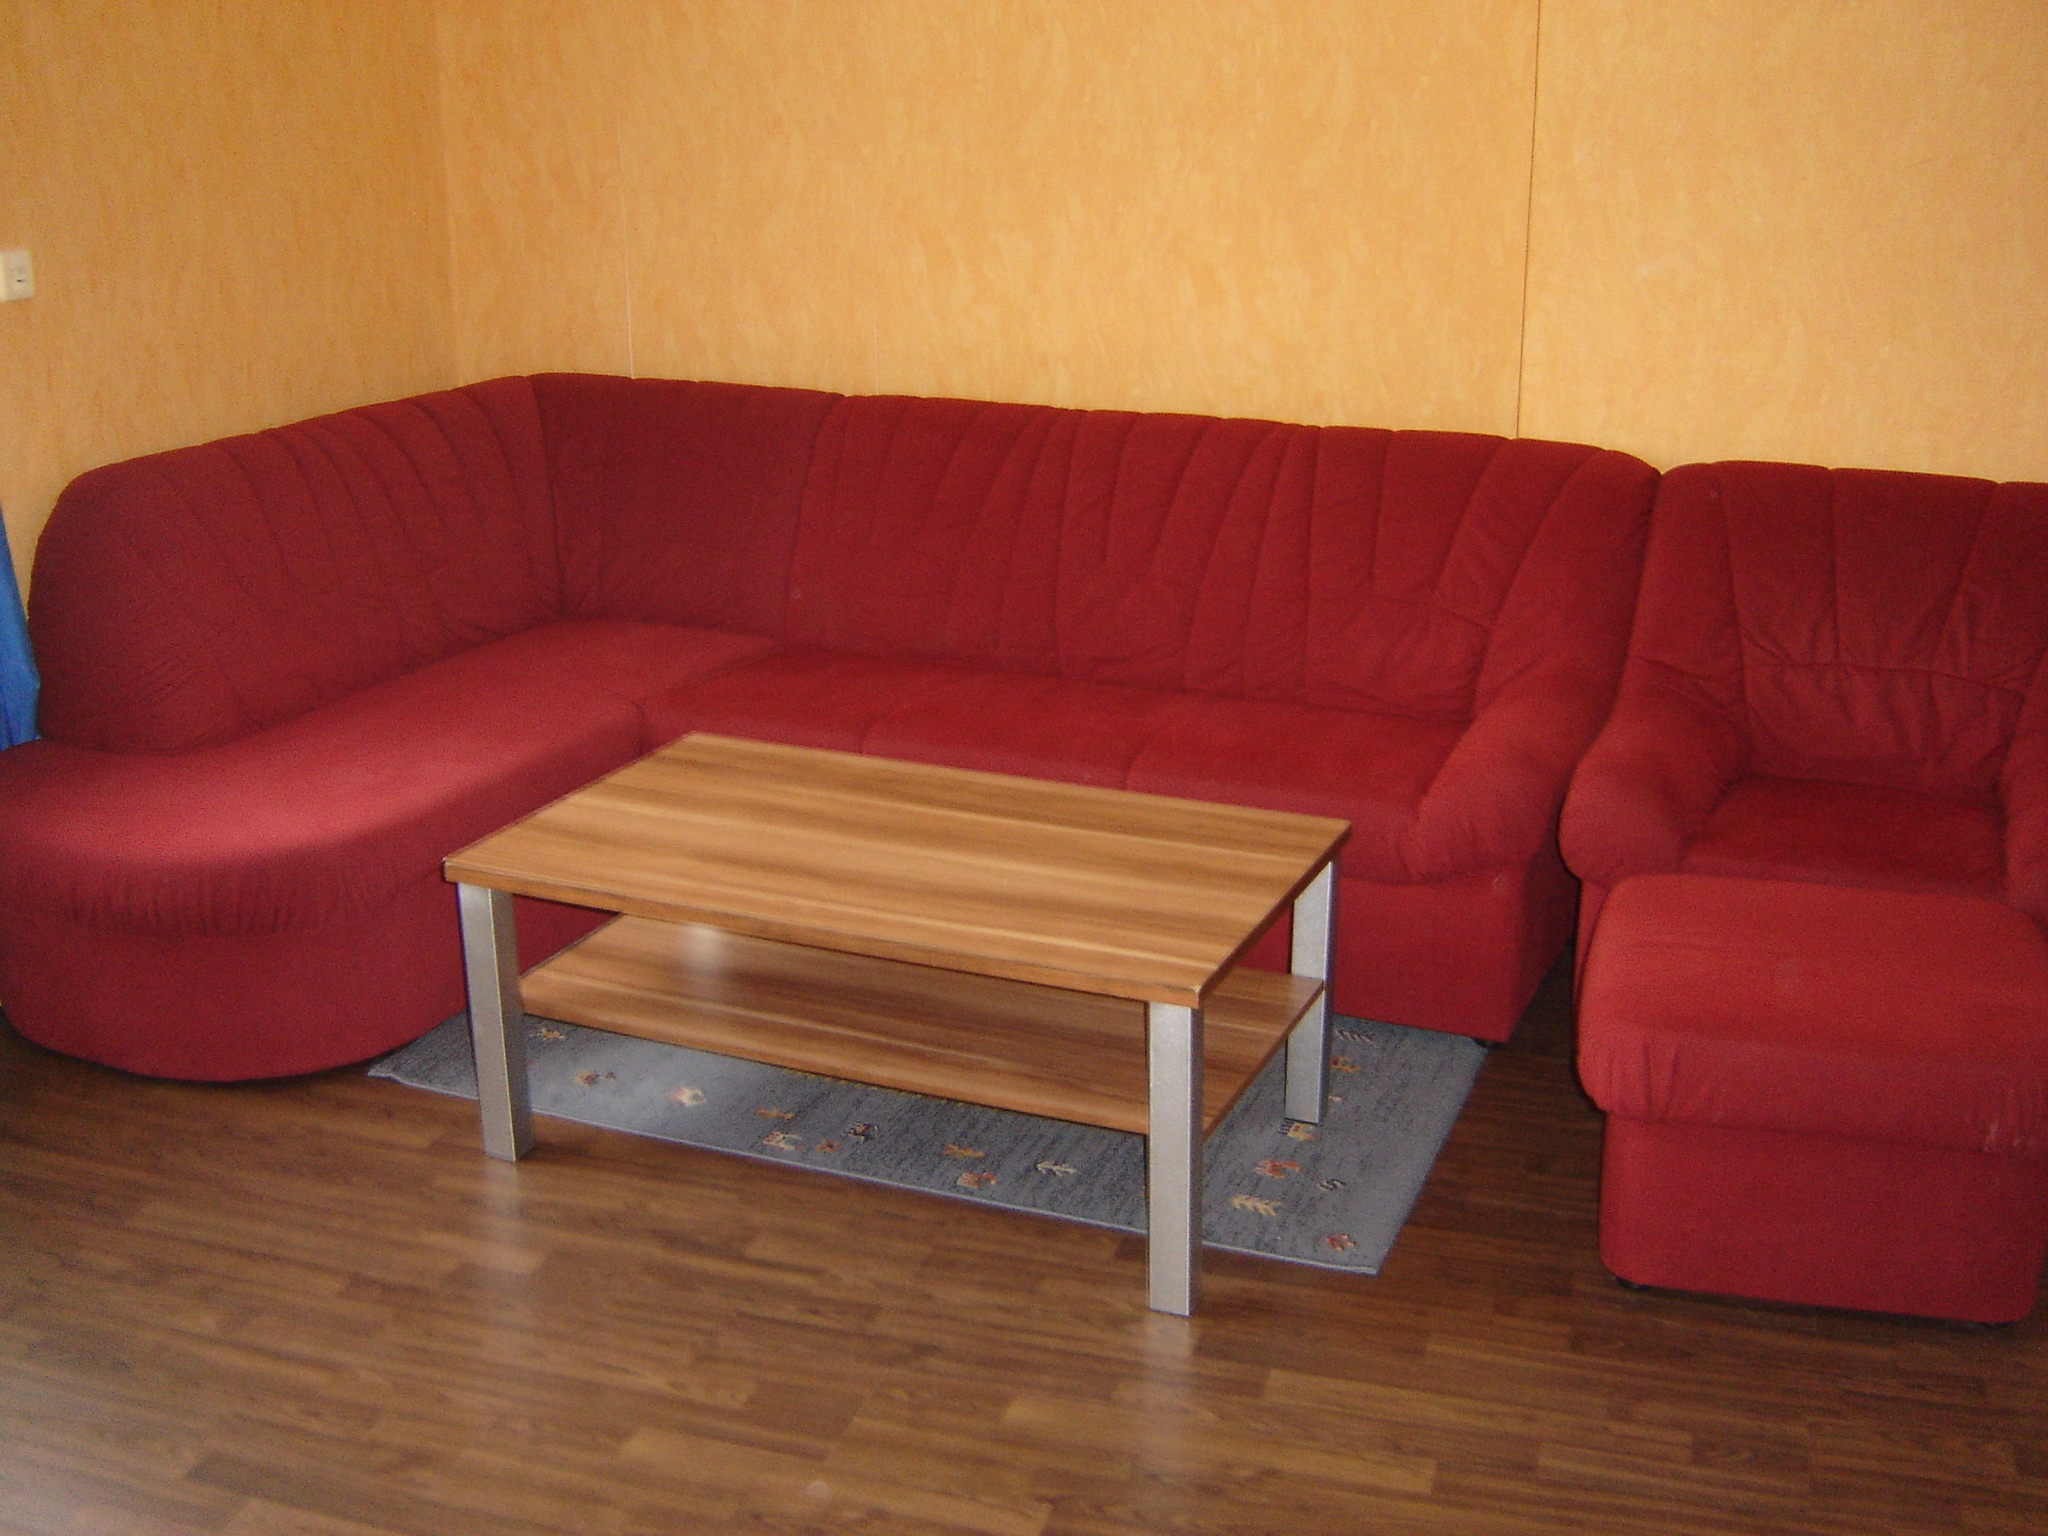 wohnzimmereinrichtung kleinanzeigen seite 1. Black Bedroom Furniture Sets. Home Design Ideas